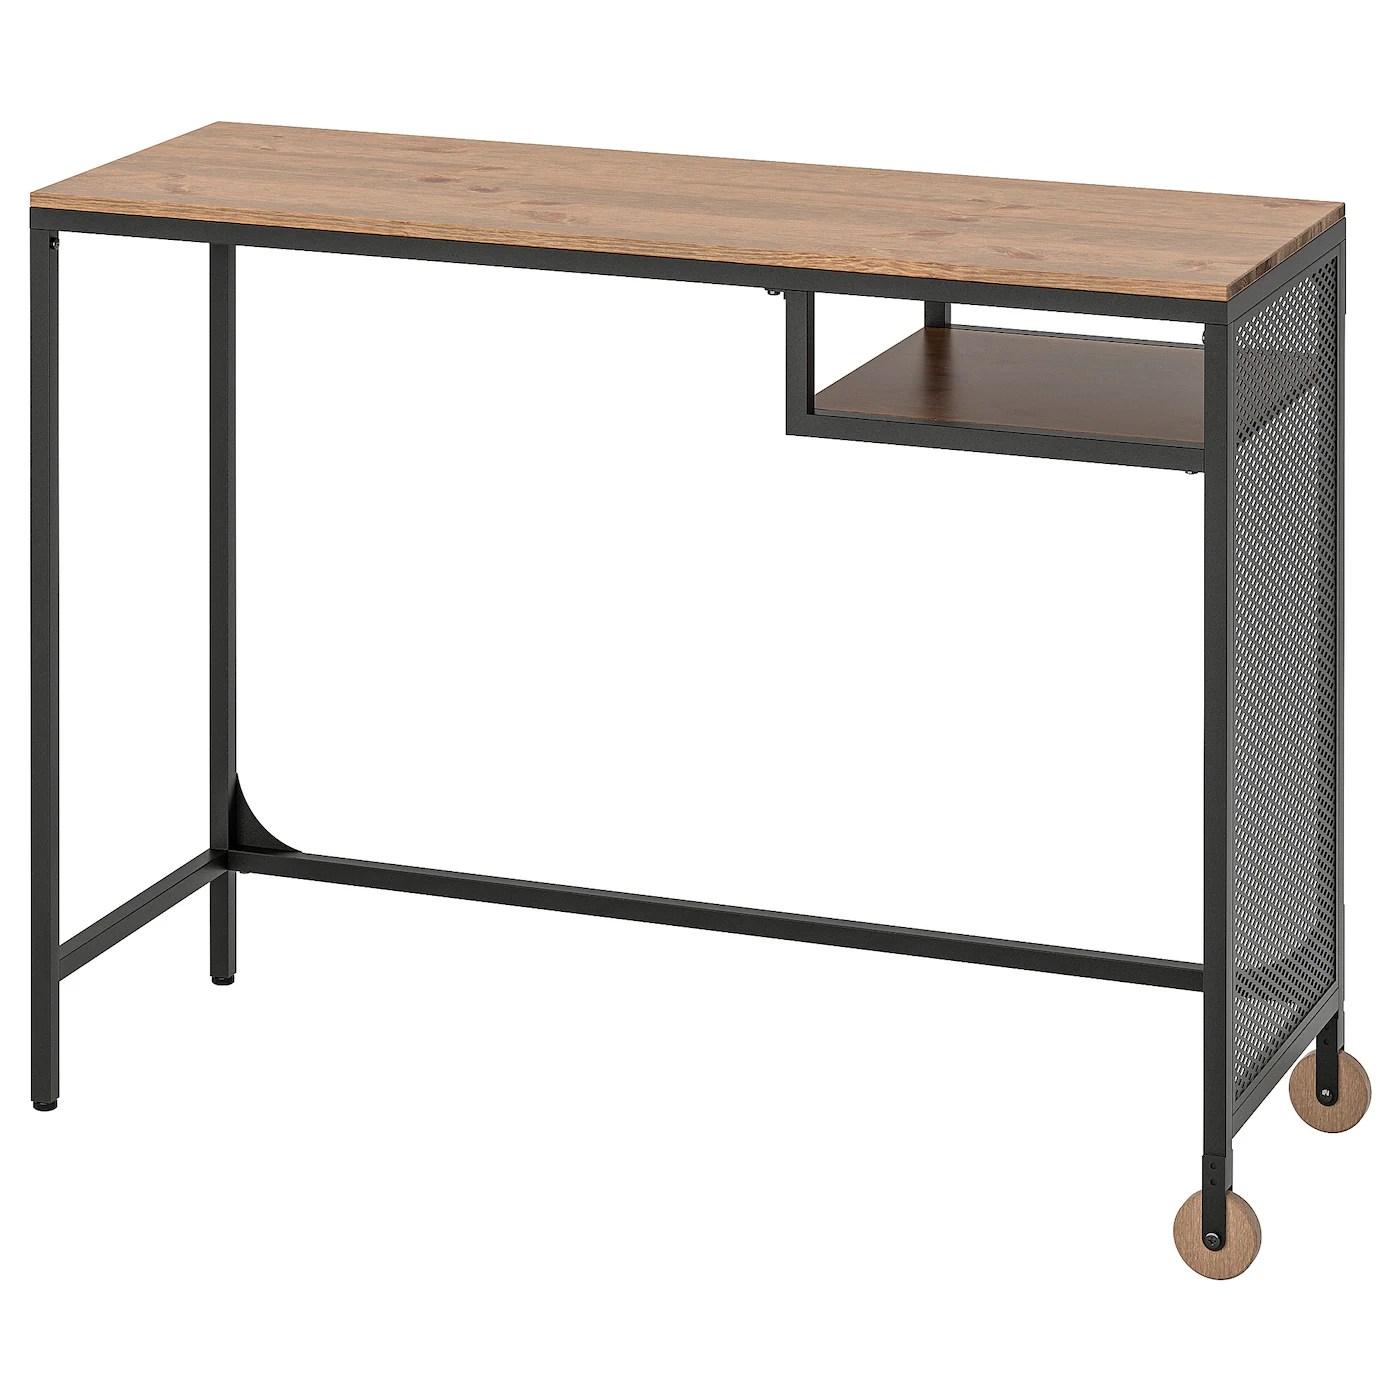 16 modelli comodi e funzionali. Scrivanie Casa Per Studio E Lavoro Ikea It